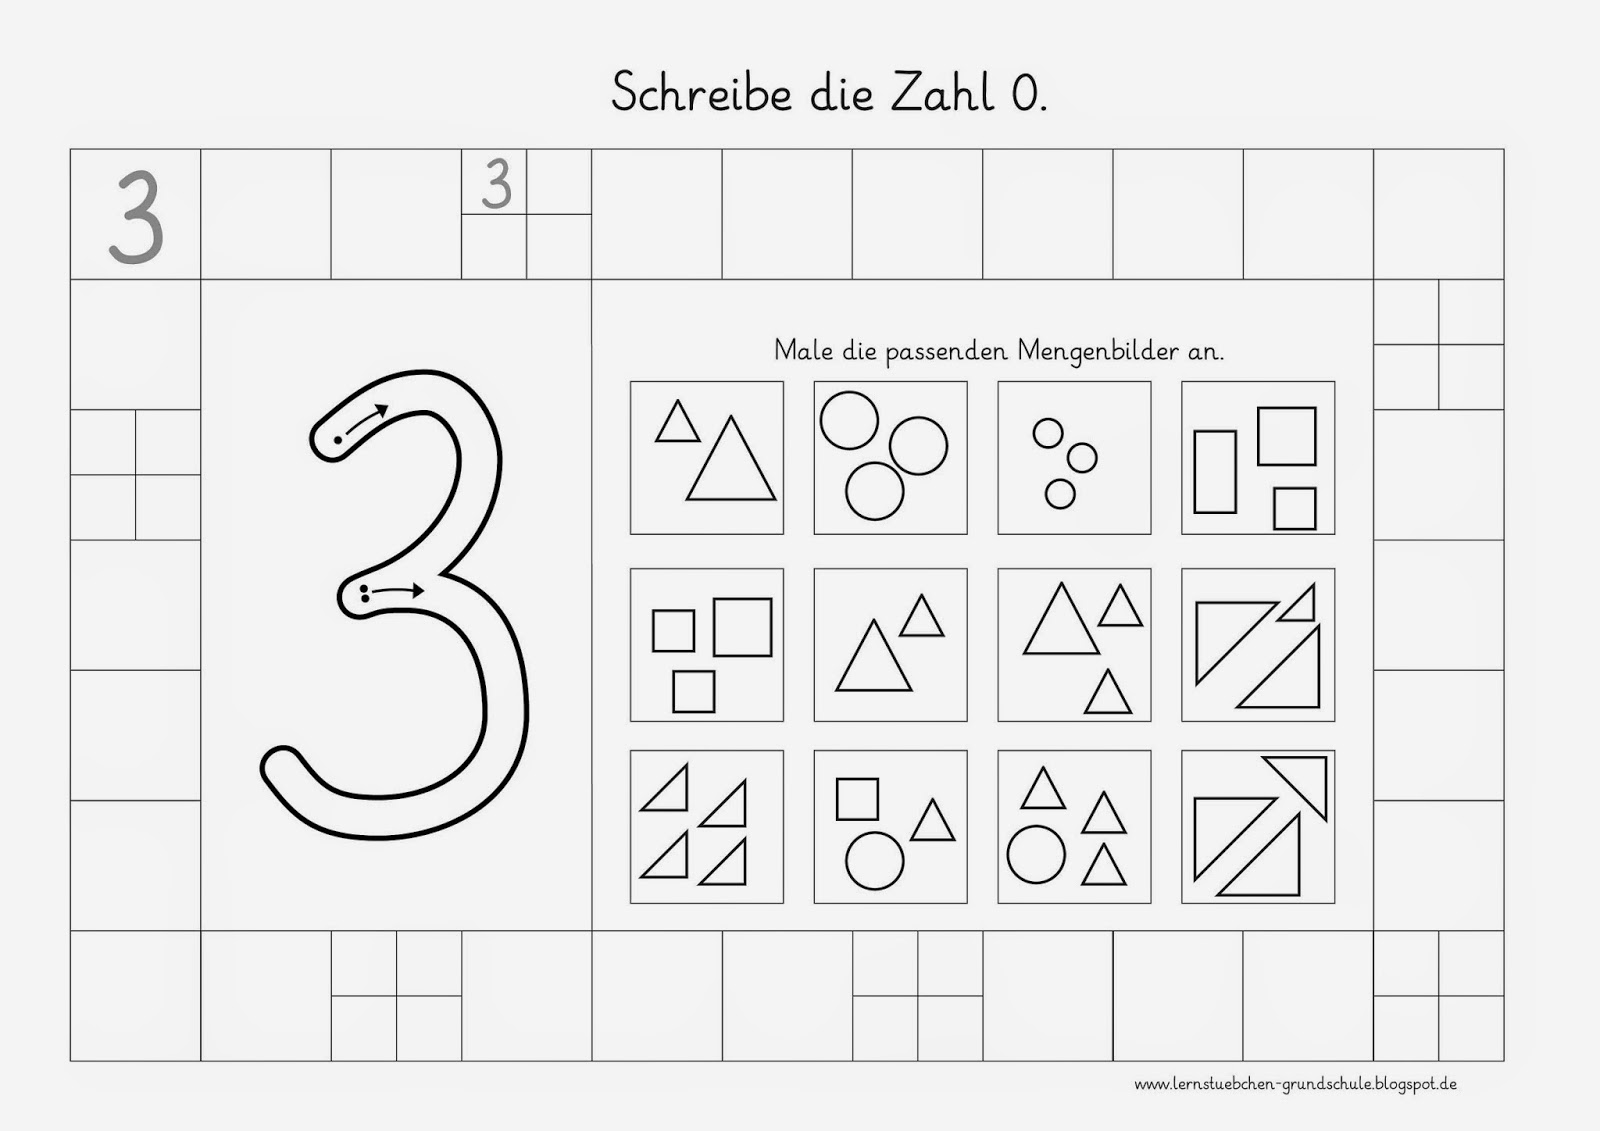 Lernstübchen: Zahlen schreiben - Mengen erkennen